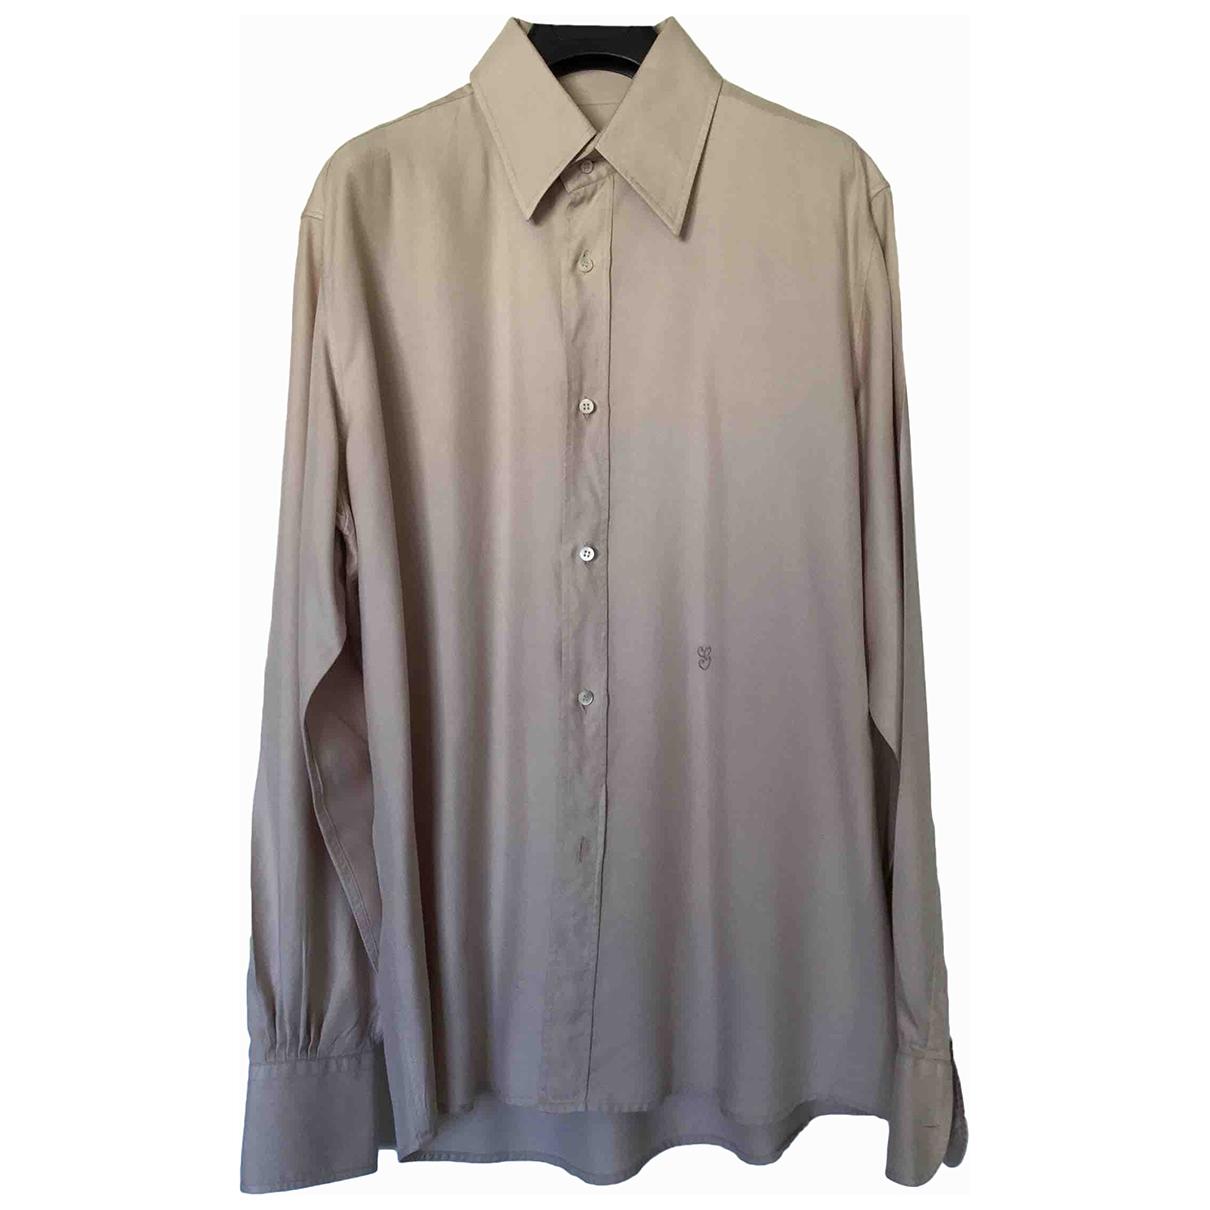 Gucci \N Beige Silk Shirts for Men 41 EU (tour de cou / collar)